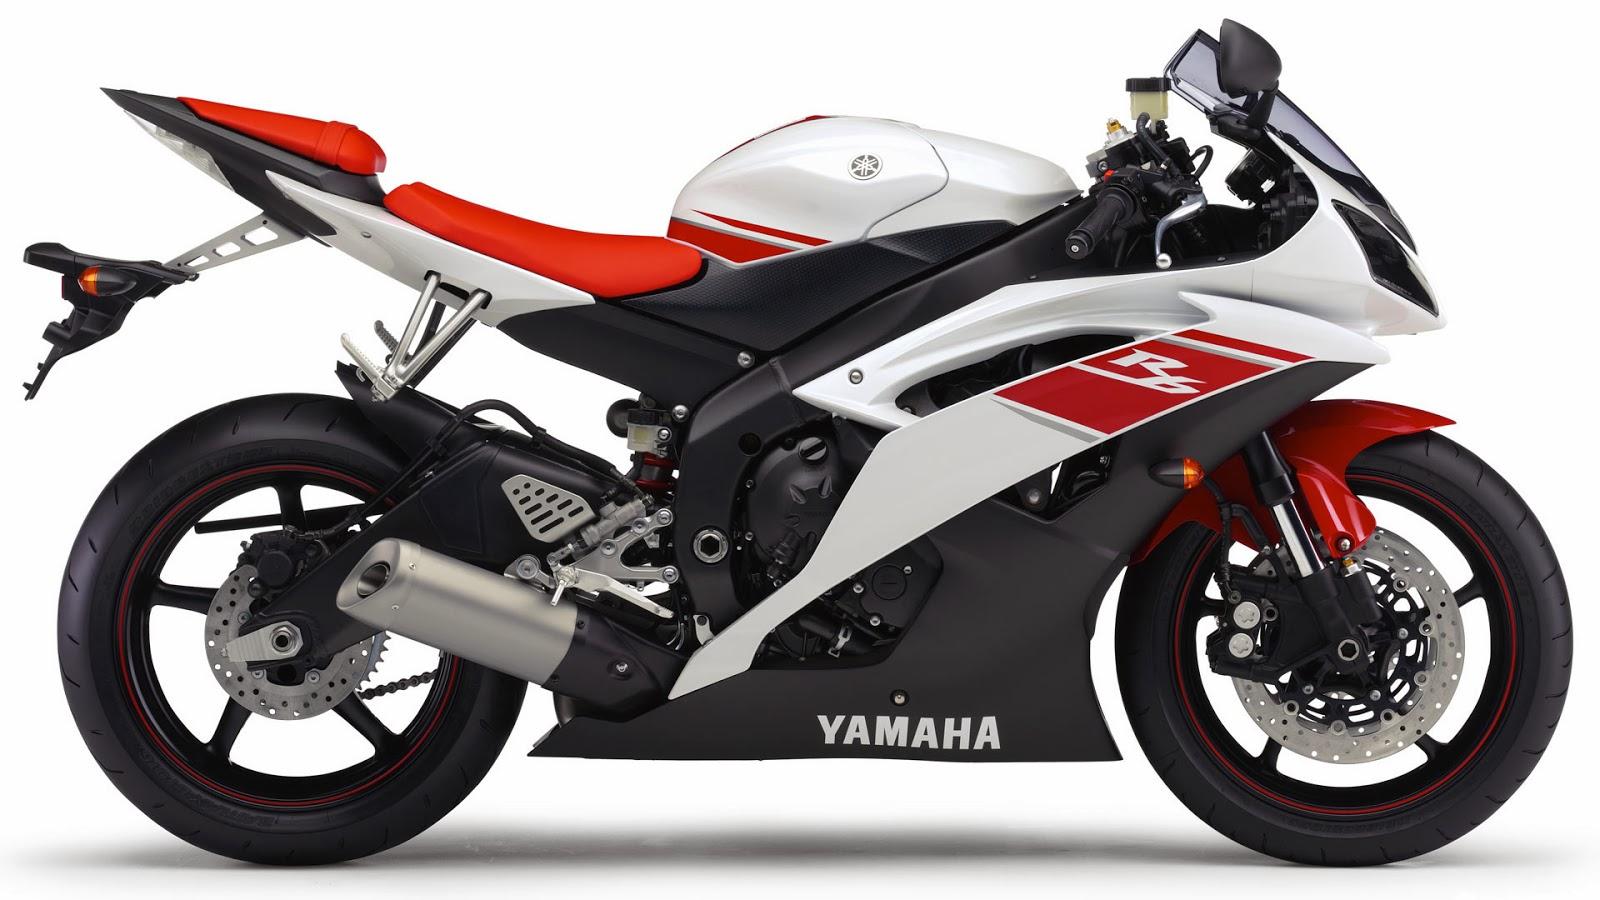 """<img src=""""http://2.bp.blogspot.com/-UqV-OSNg64g/UufWIWzfW3I/AAAAAAAAKjc/djrrlpb-9ns/s1600/yamaha-bike-wallpaper.jpg"""" alt=""""yamaha bike wallpaper"""" />"""